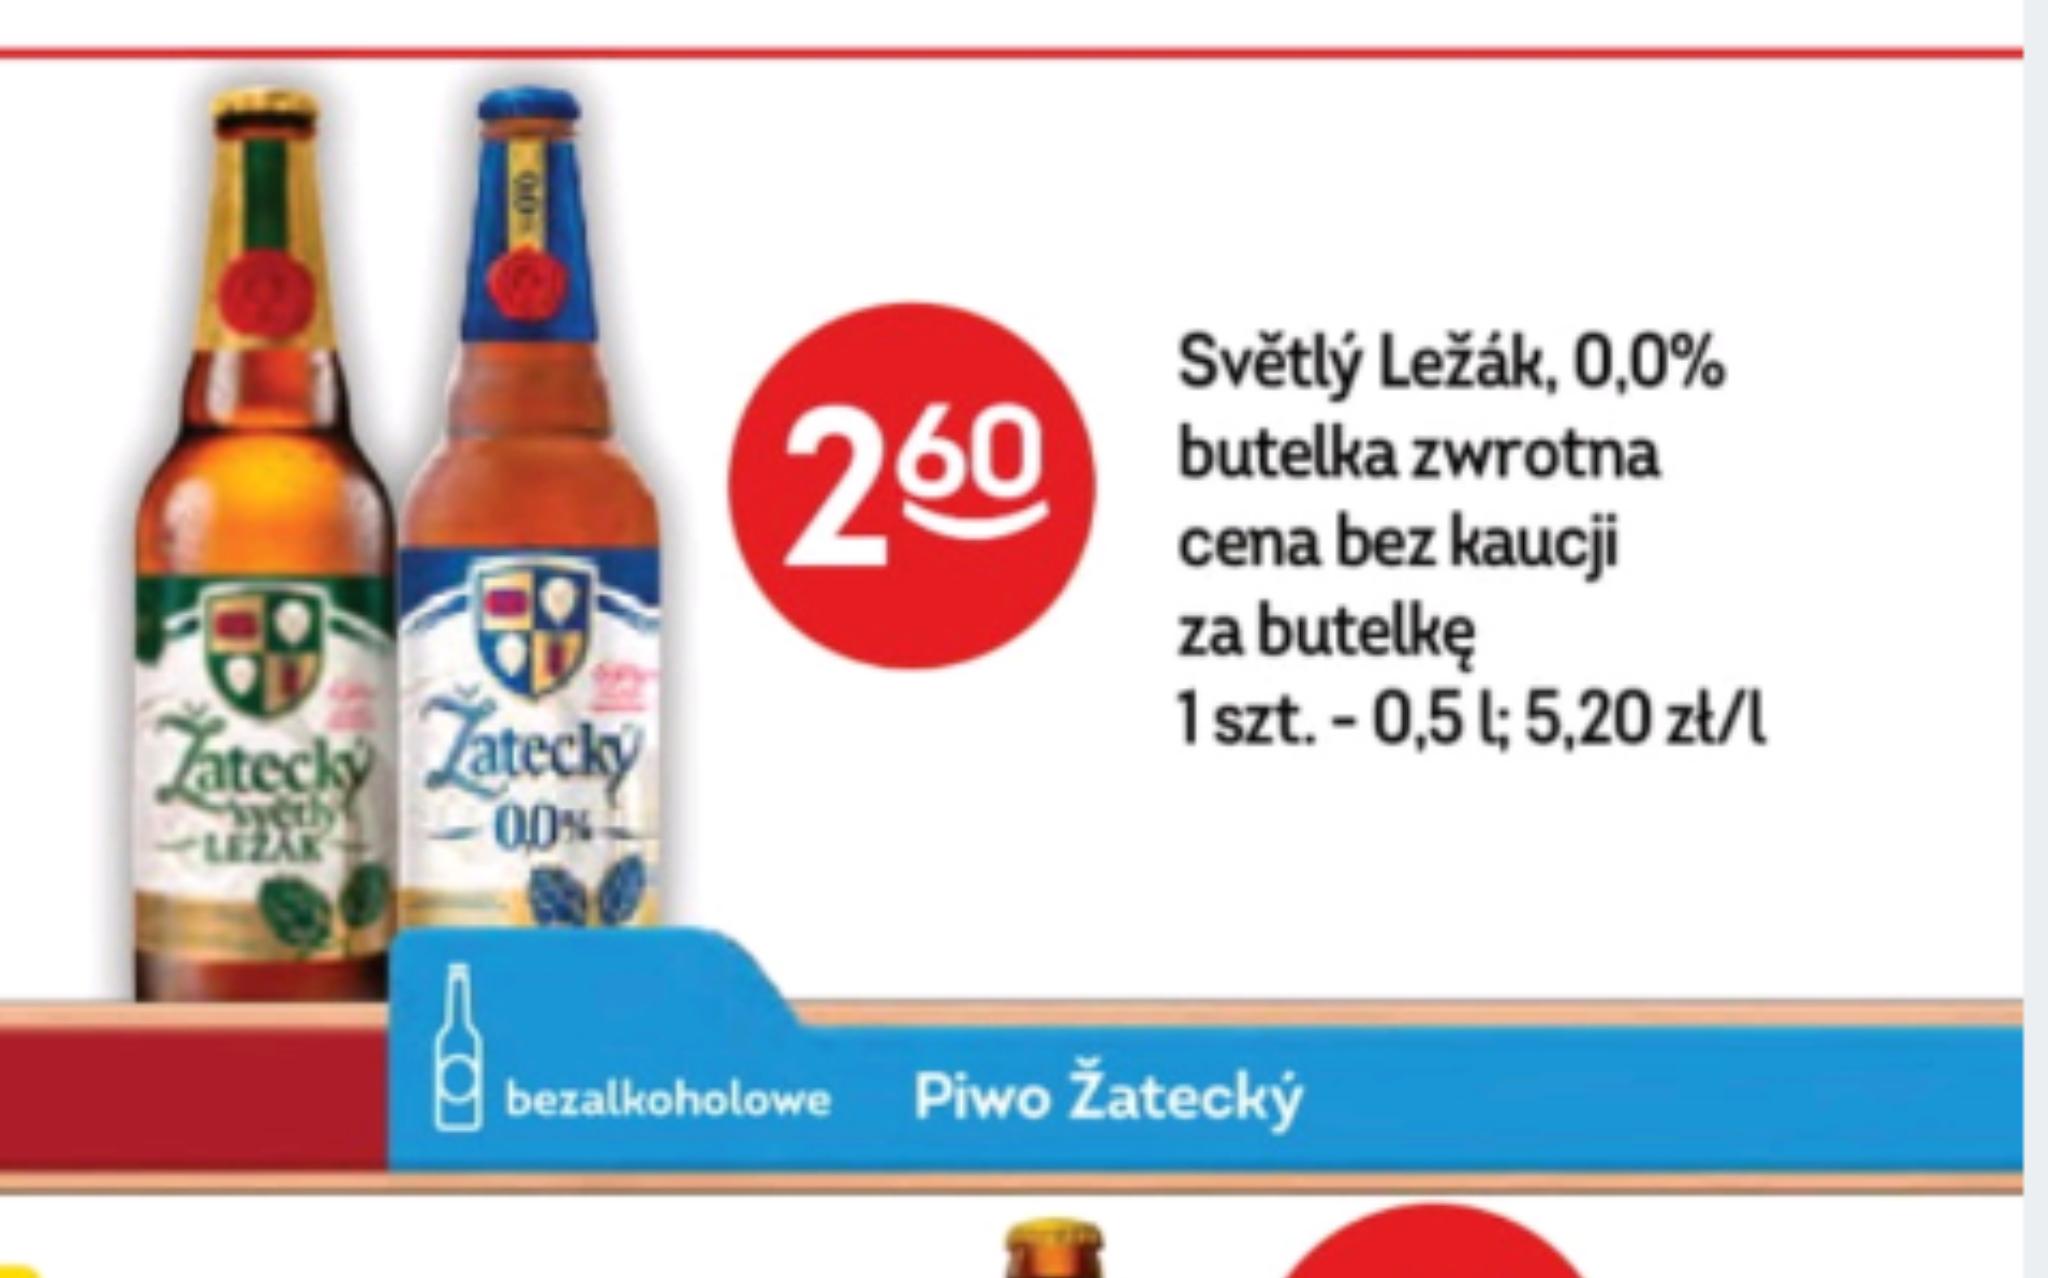 Piwo zatecki lezak (i bezalkoholowy) w żabce, kaucja + 50gr